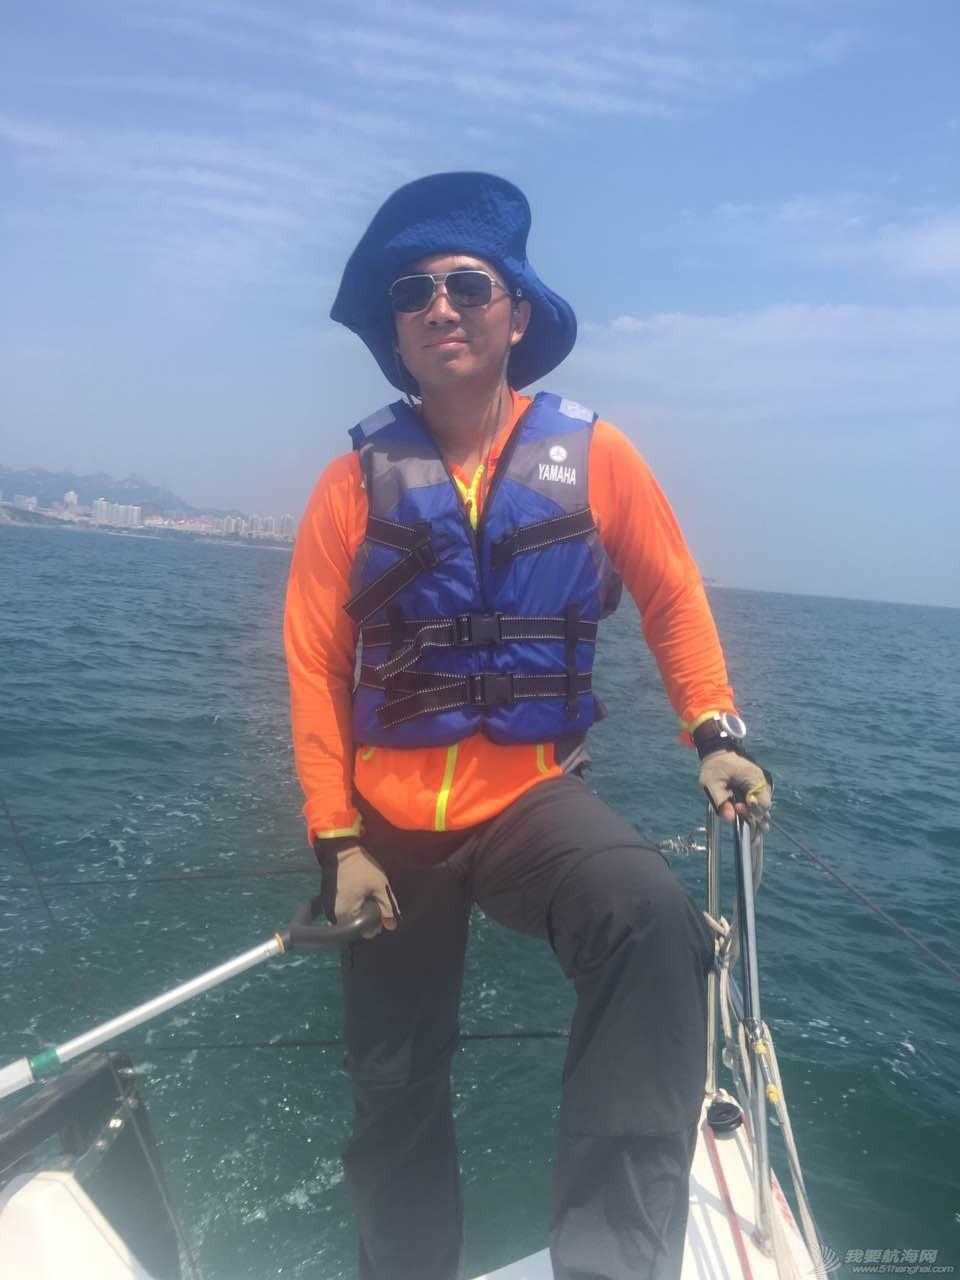 """小伙伴,青岛,国际 千年修得同船赛-记2016年青岛""""市长杯""""国际帆船赛的小伙伴们 2143220884680204001.jpg"""